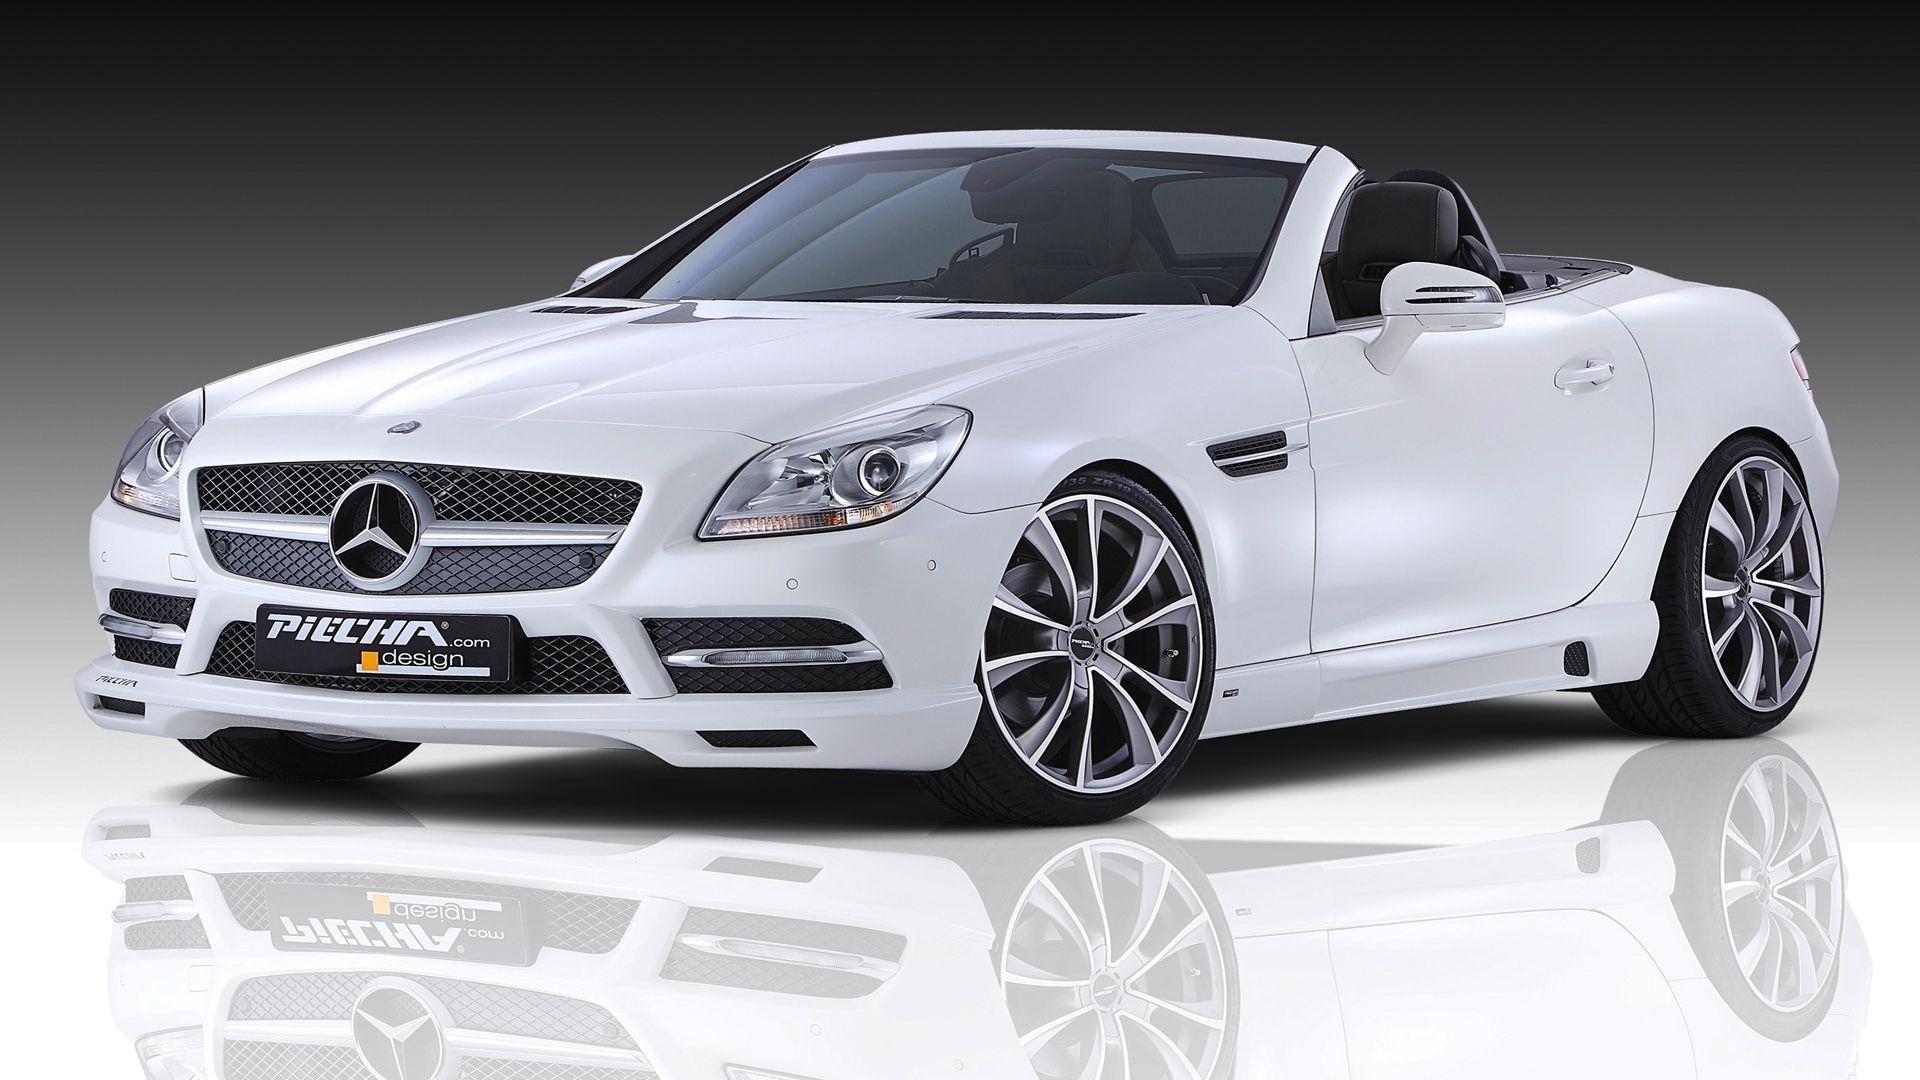 Mercedes Benz Cool Design Wallpaper HD #10189 Wallpaper | High ...